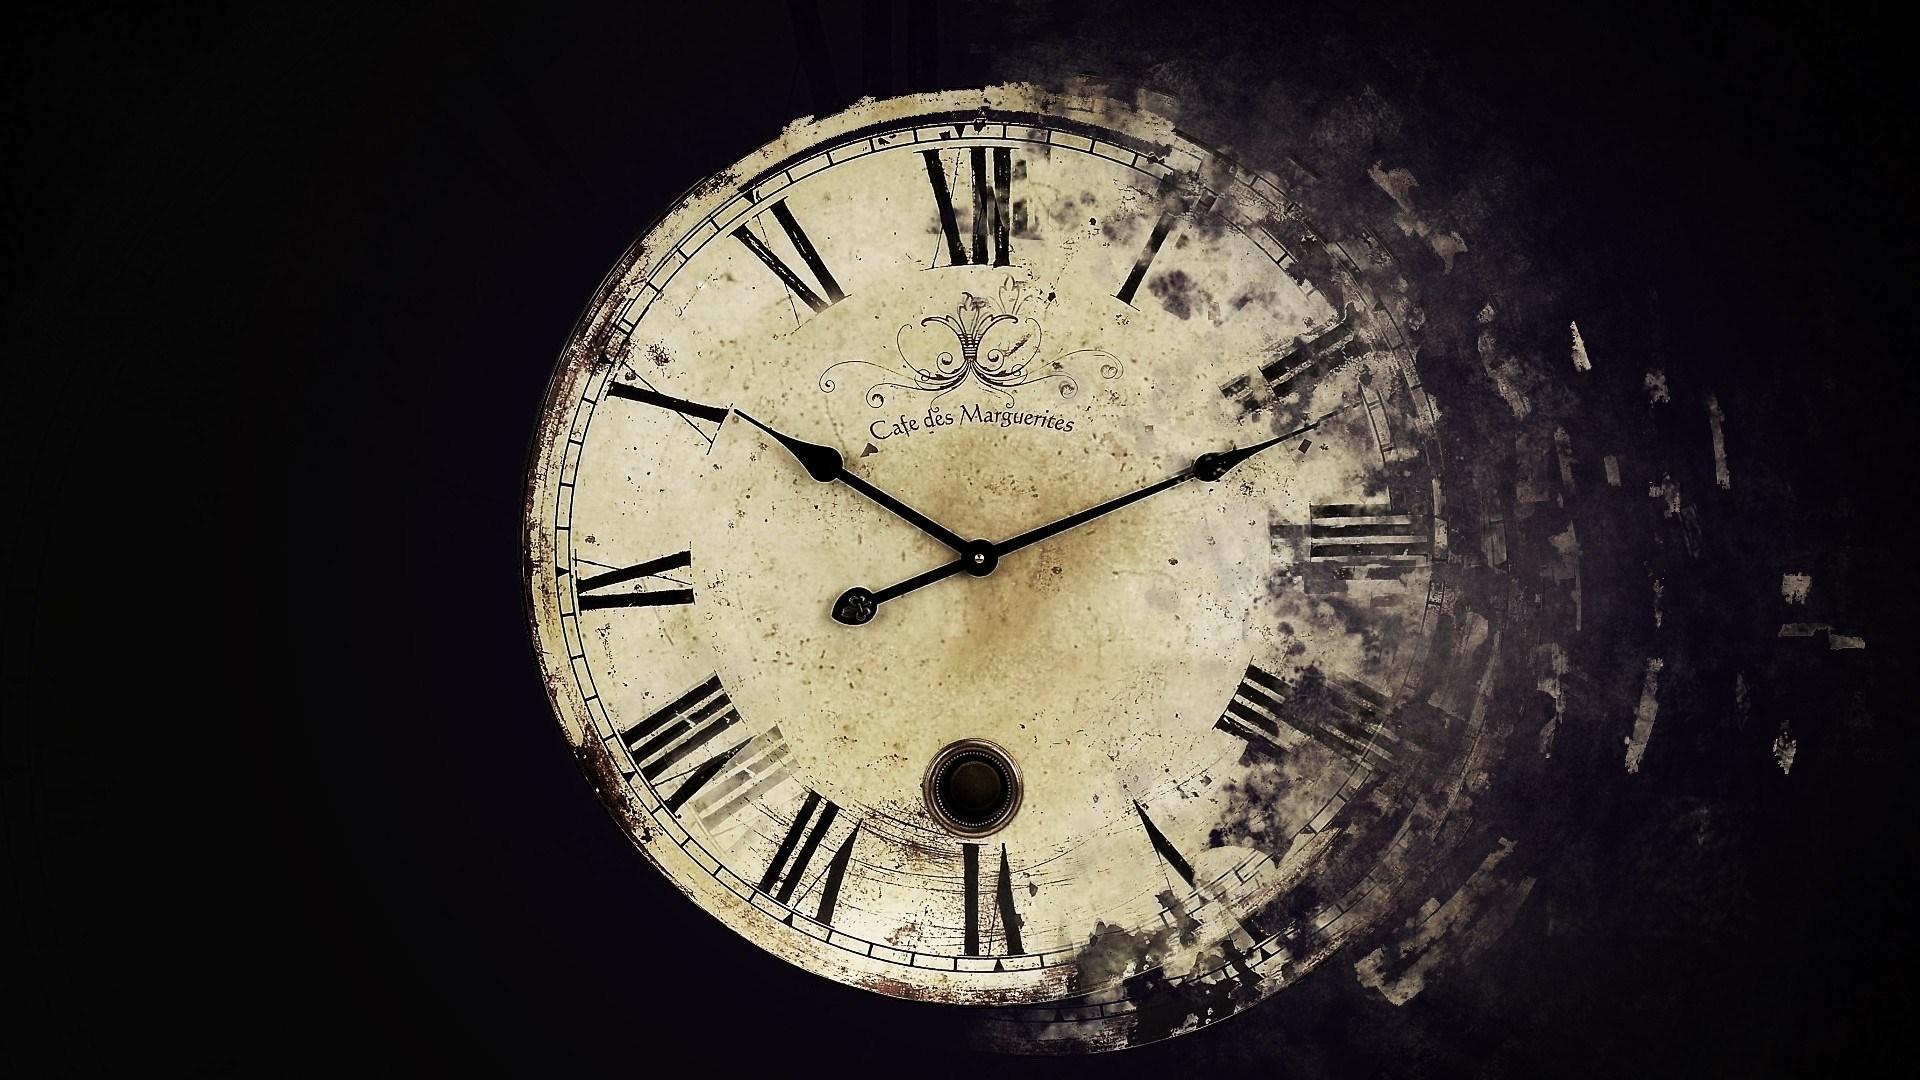 abstract clock wallpaper 25450 1920x1080 px ~ hdwallsource